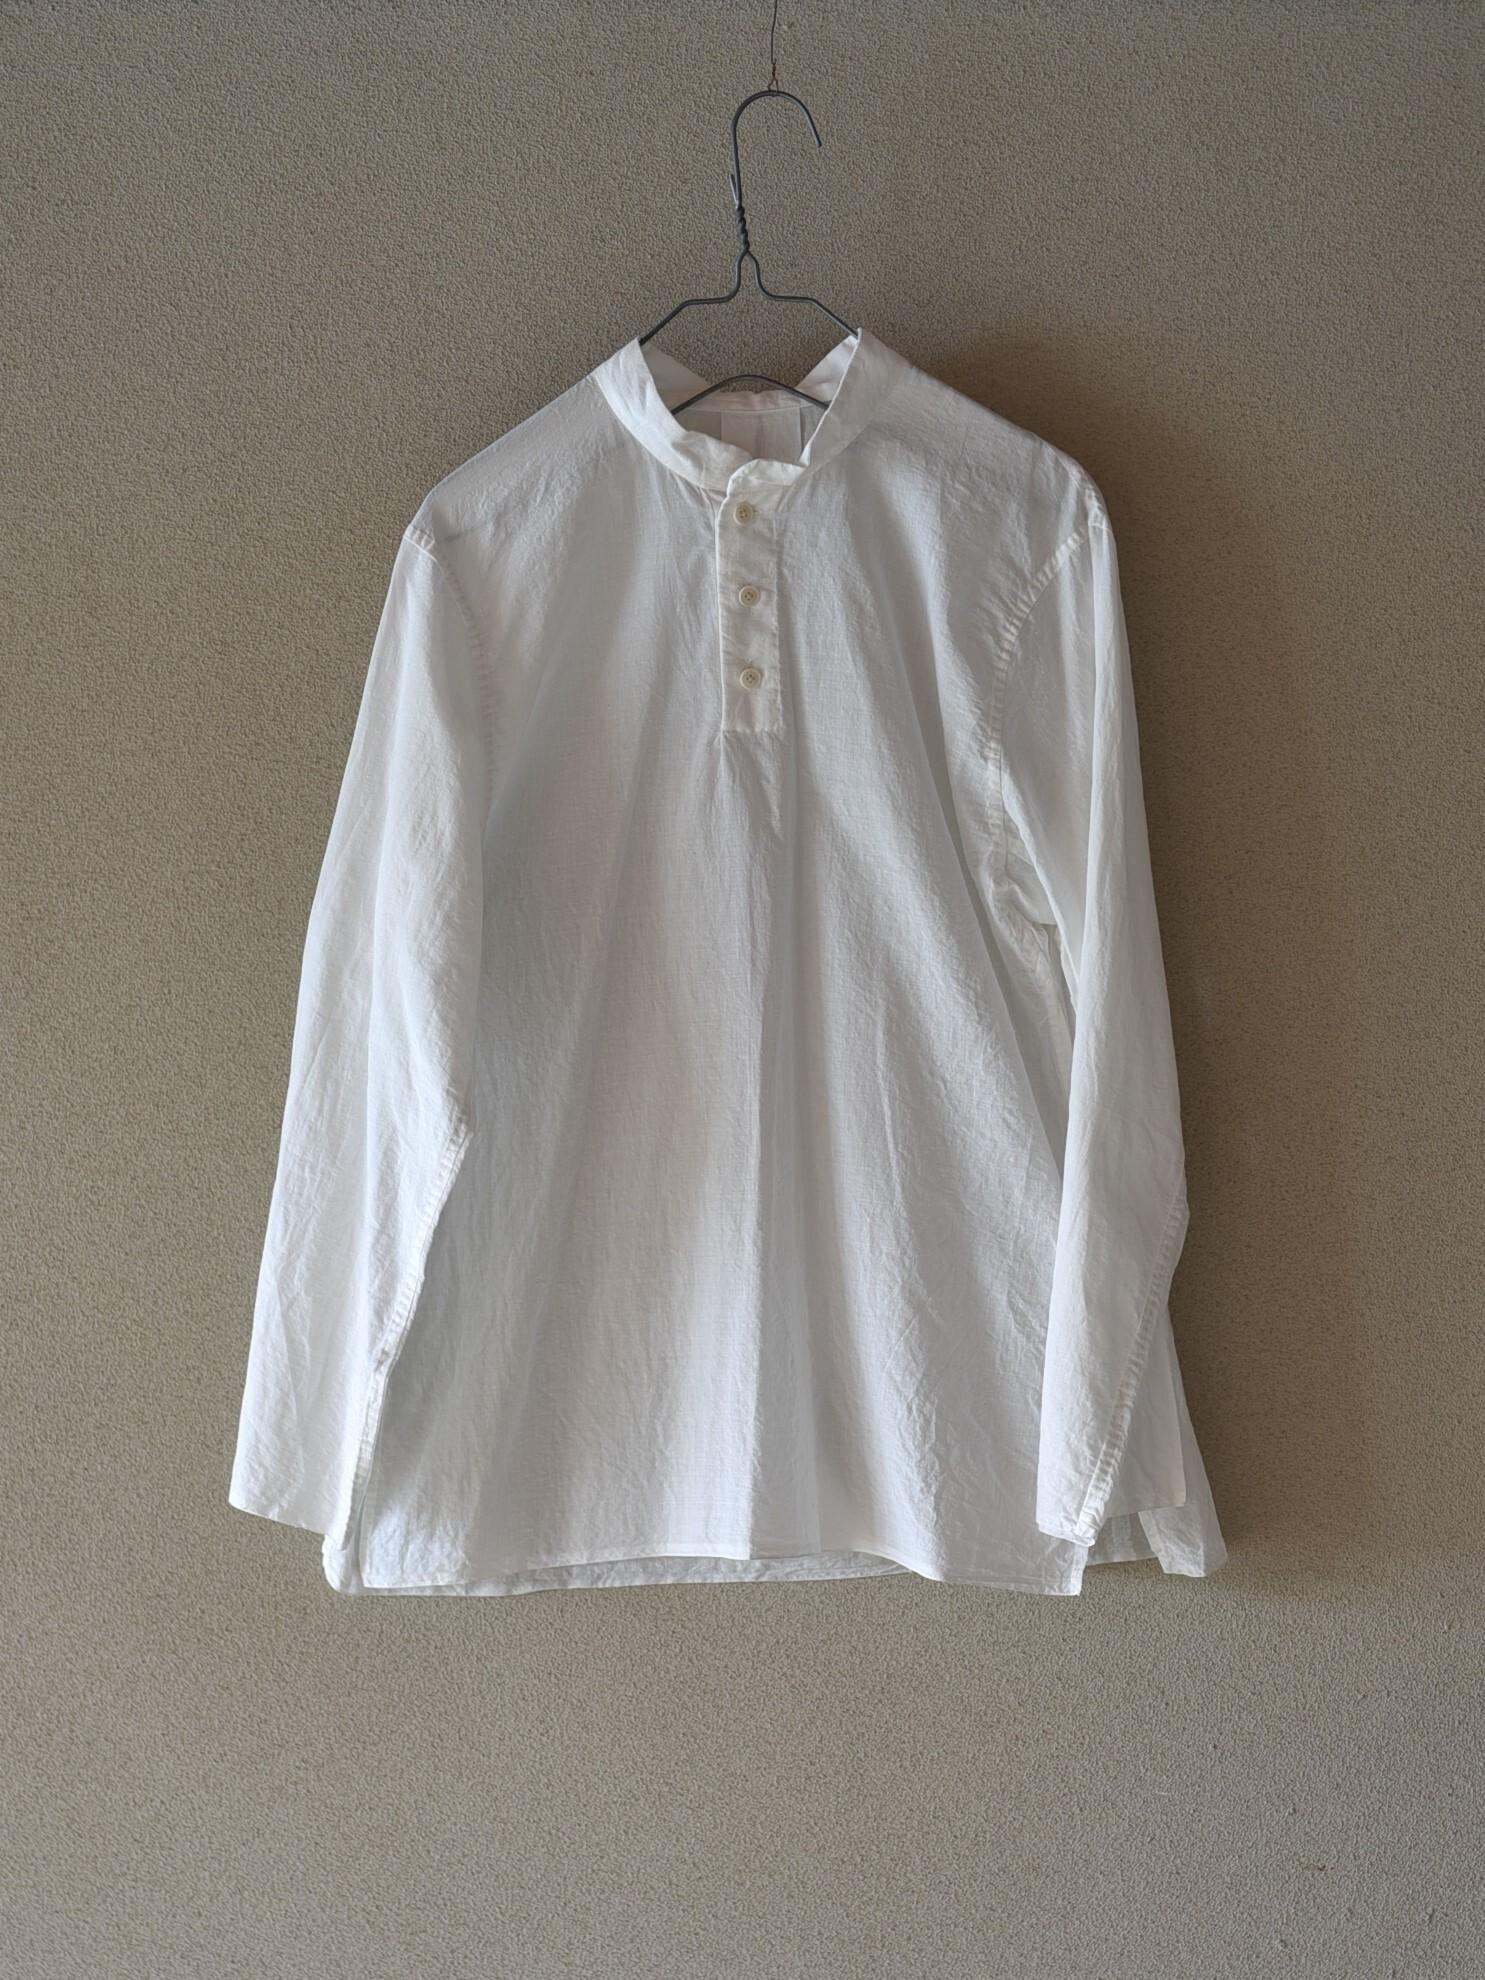 YAECA khadi |クルタシャツ cloud -No1